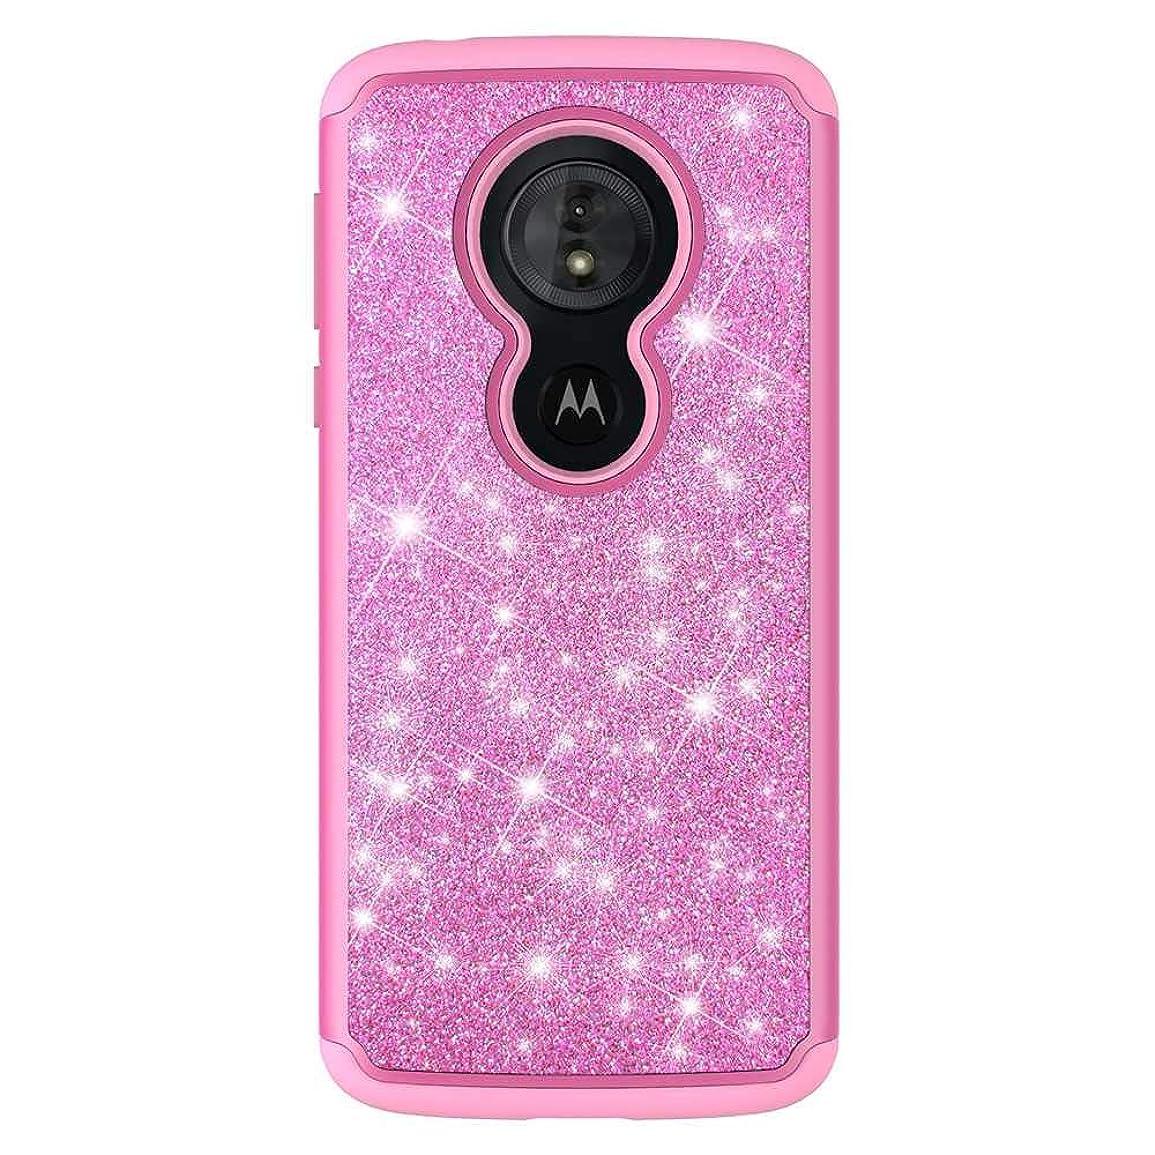 輝度がっかりするラフ睡眠Moto G6 Play ケース, CUNUS Moto G6 Play プレミアム シリコン ケース, おしゃれ かわいい 耐衝撃 PC 背中の キラキラ保護カバー, ピンク